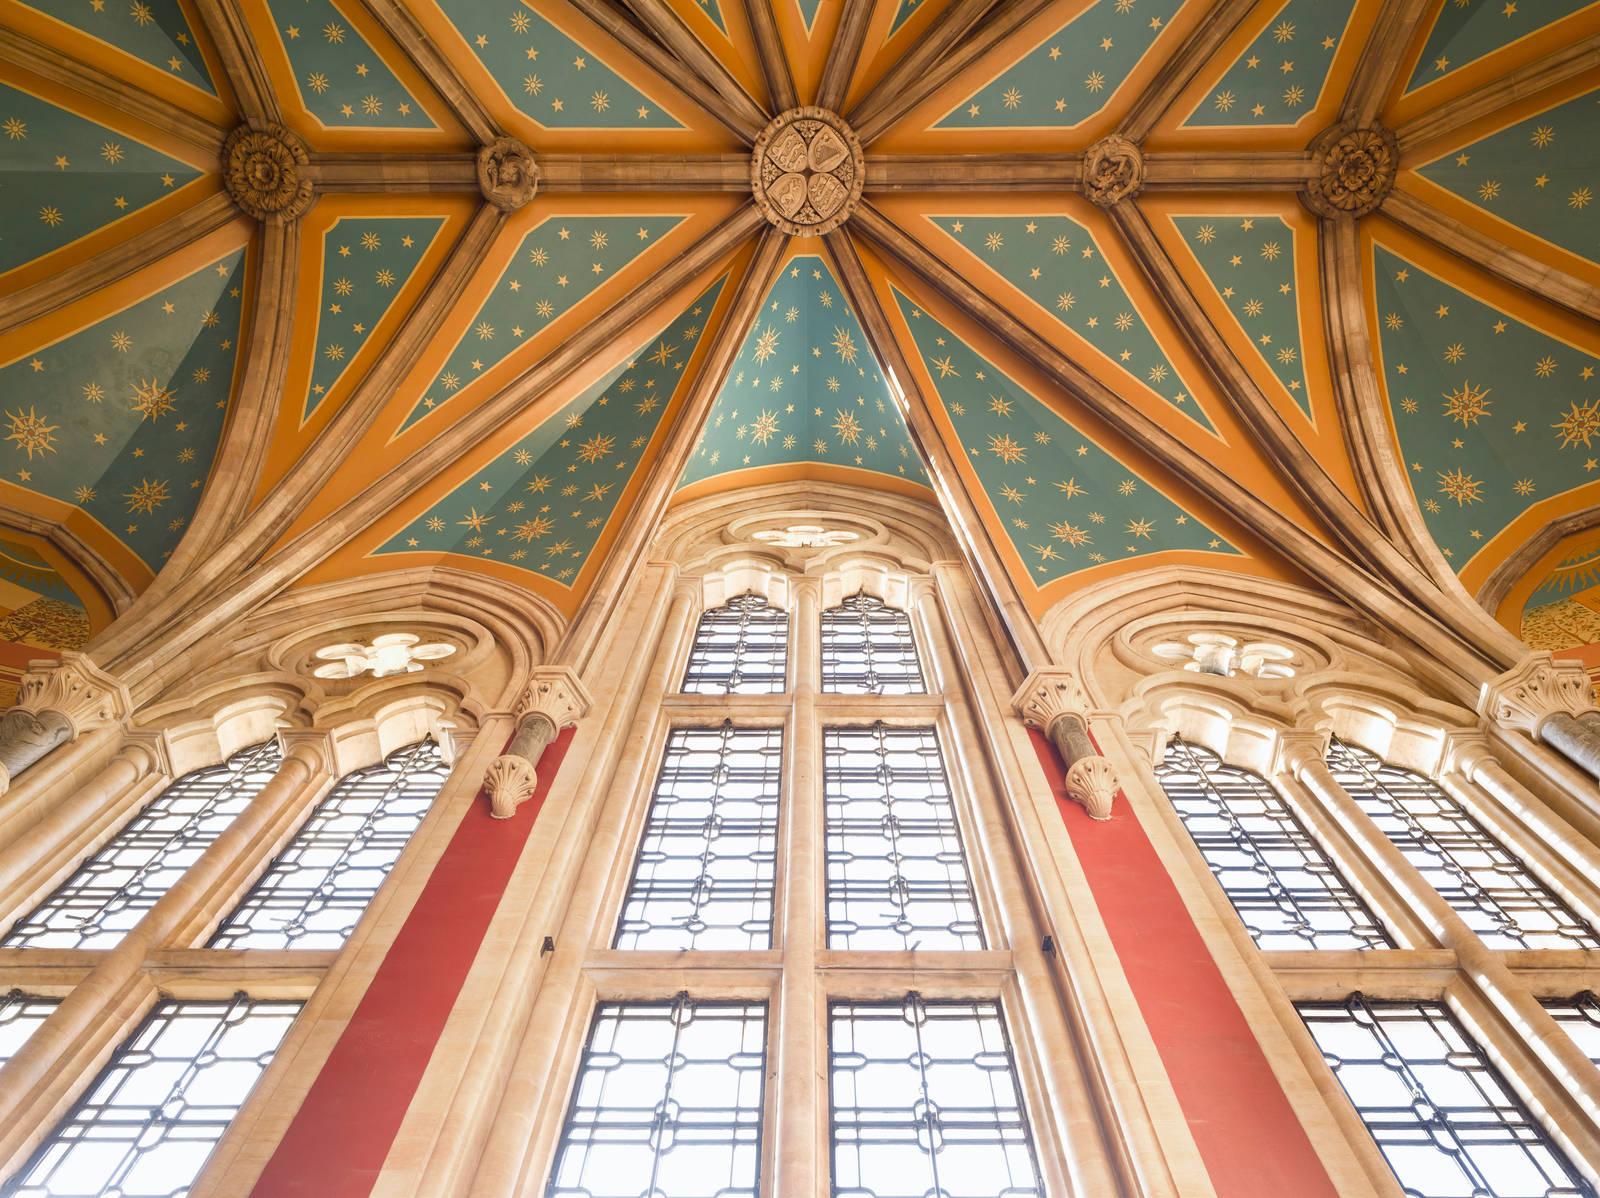 stpancras_ceiling